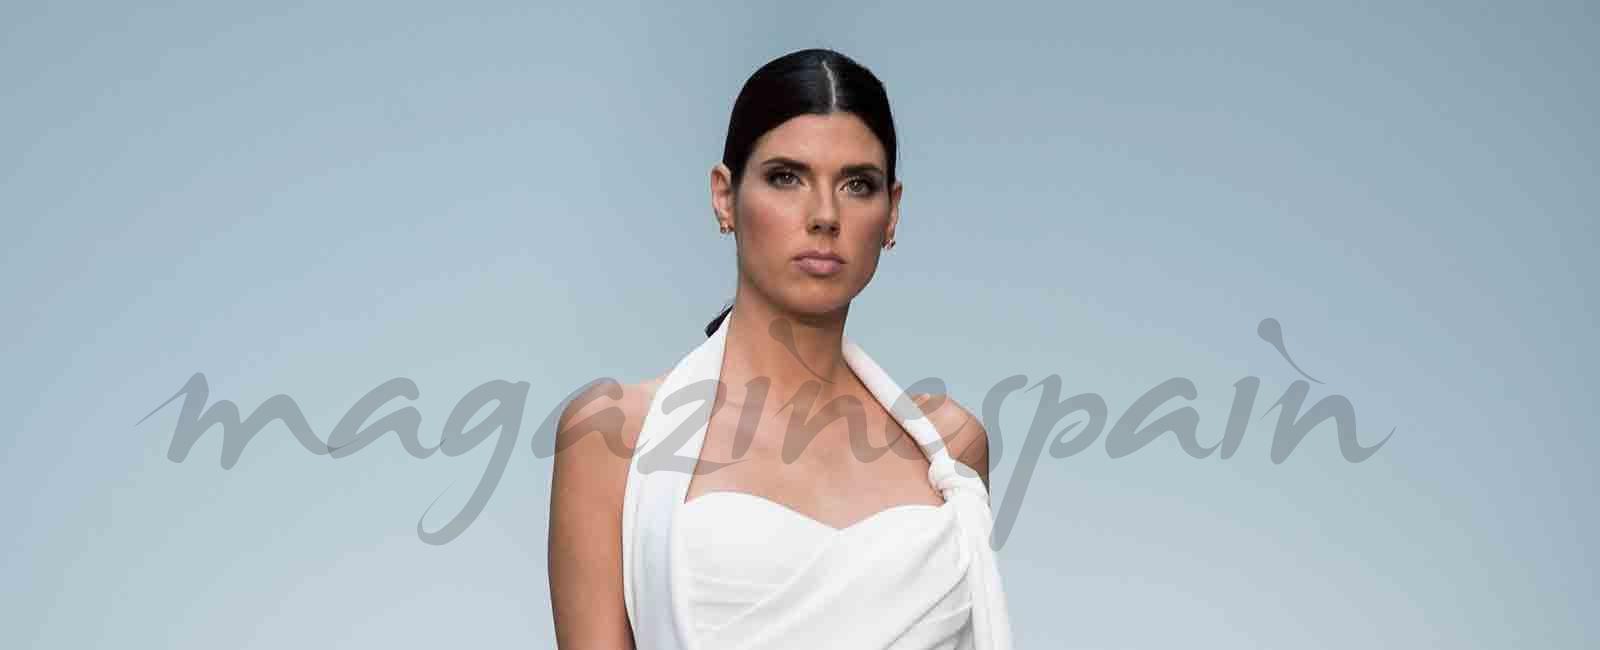 Elige tu vestido de novia de Hannibal Laguna